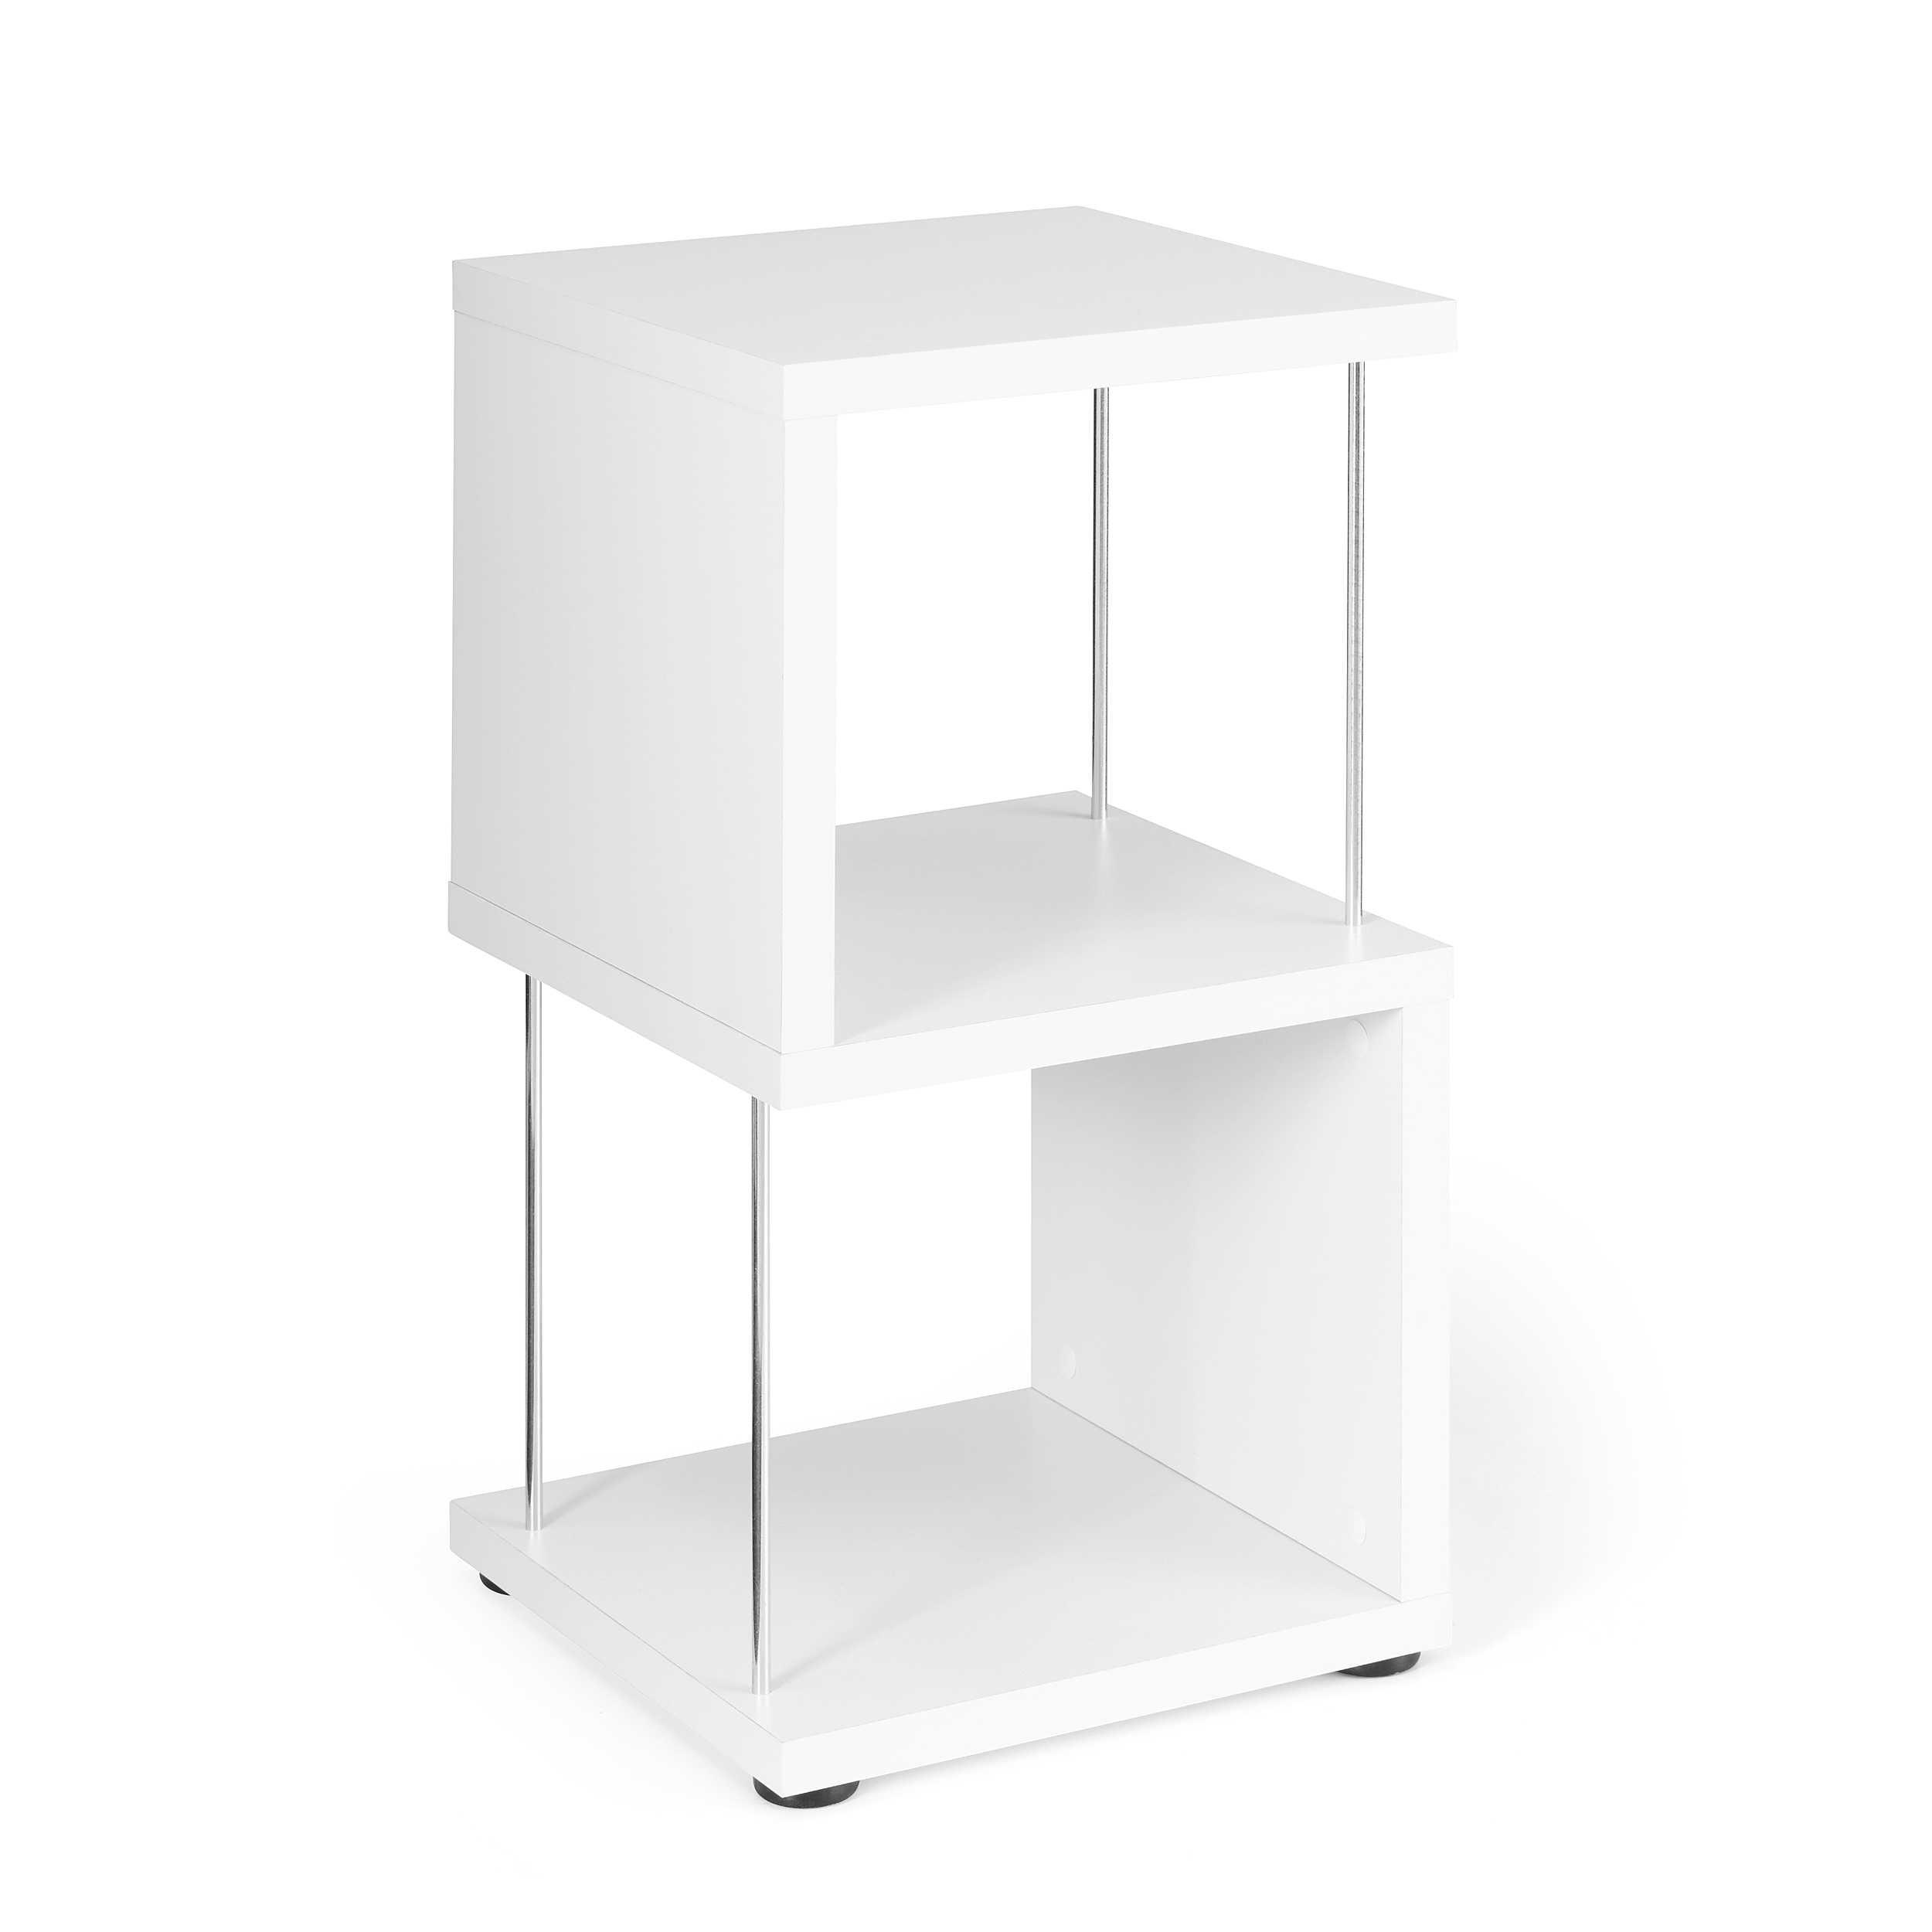 m usbacher regal favara wei kunststoff online kaufen bei woonio. Black Bedroom Furniture Sets. Home Design Ideas